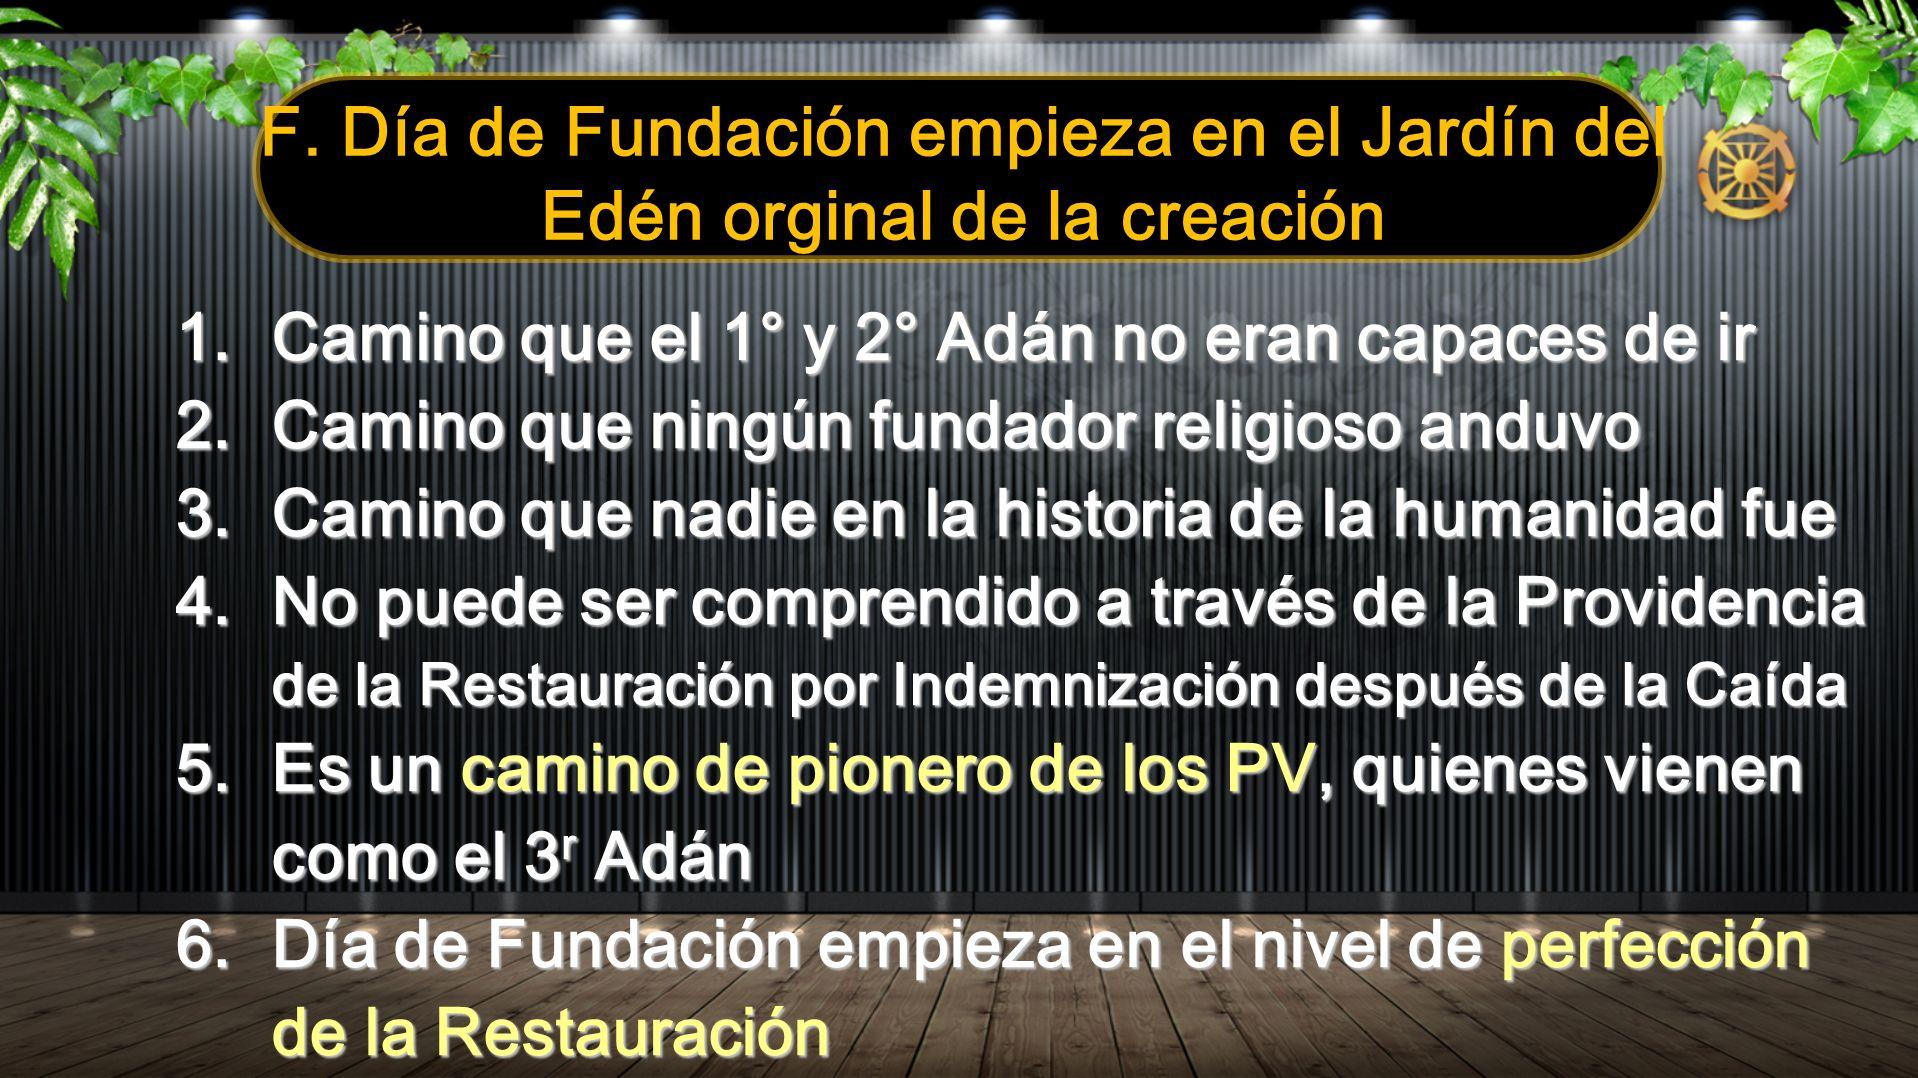 1.Camino que el 1° y 2° Adán no eran capaces de ir 2.Camino que ningún fundador religioso anduvo 3.Camino que nadie en la historia de la humanidad fue